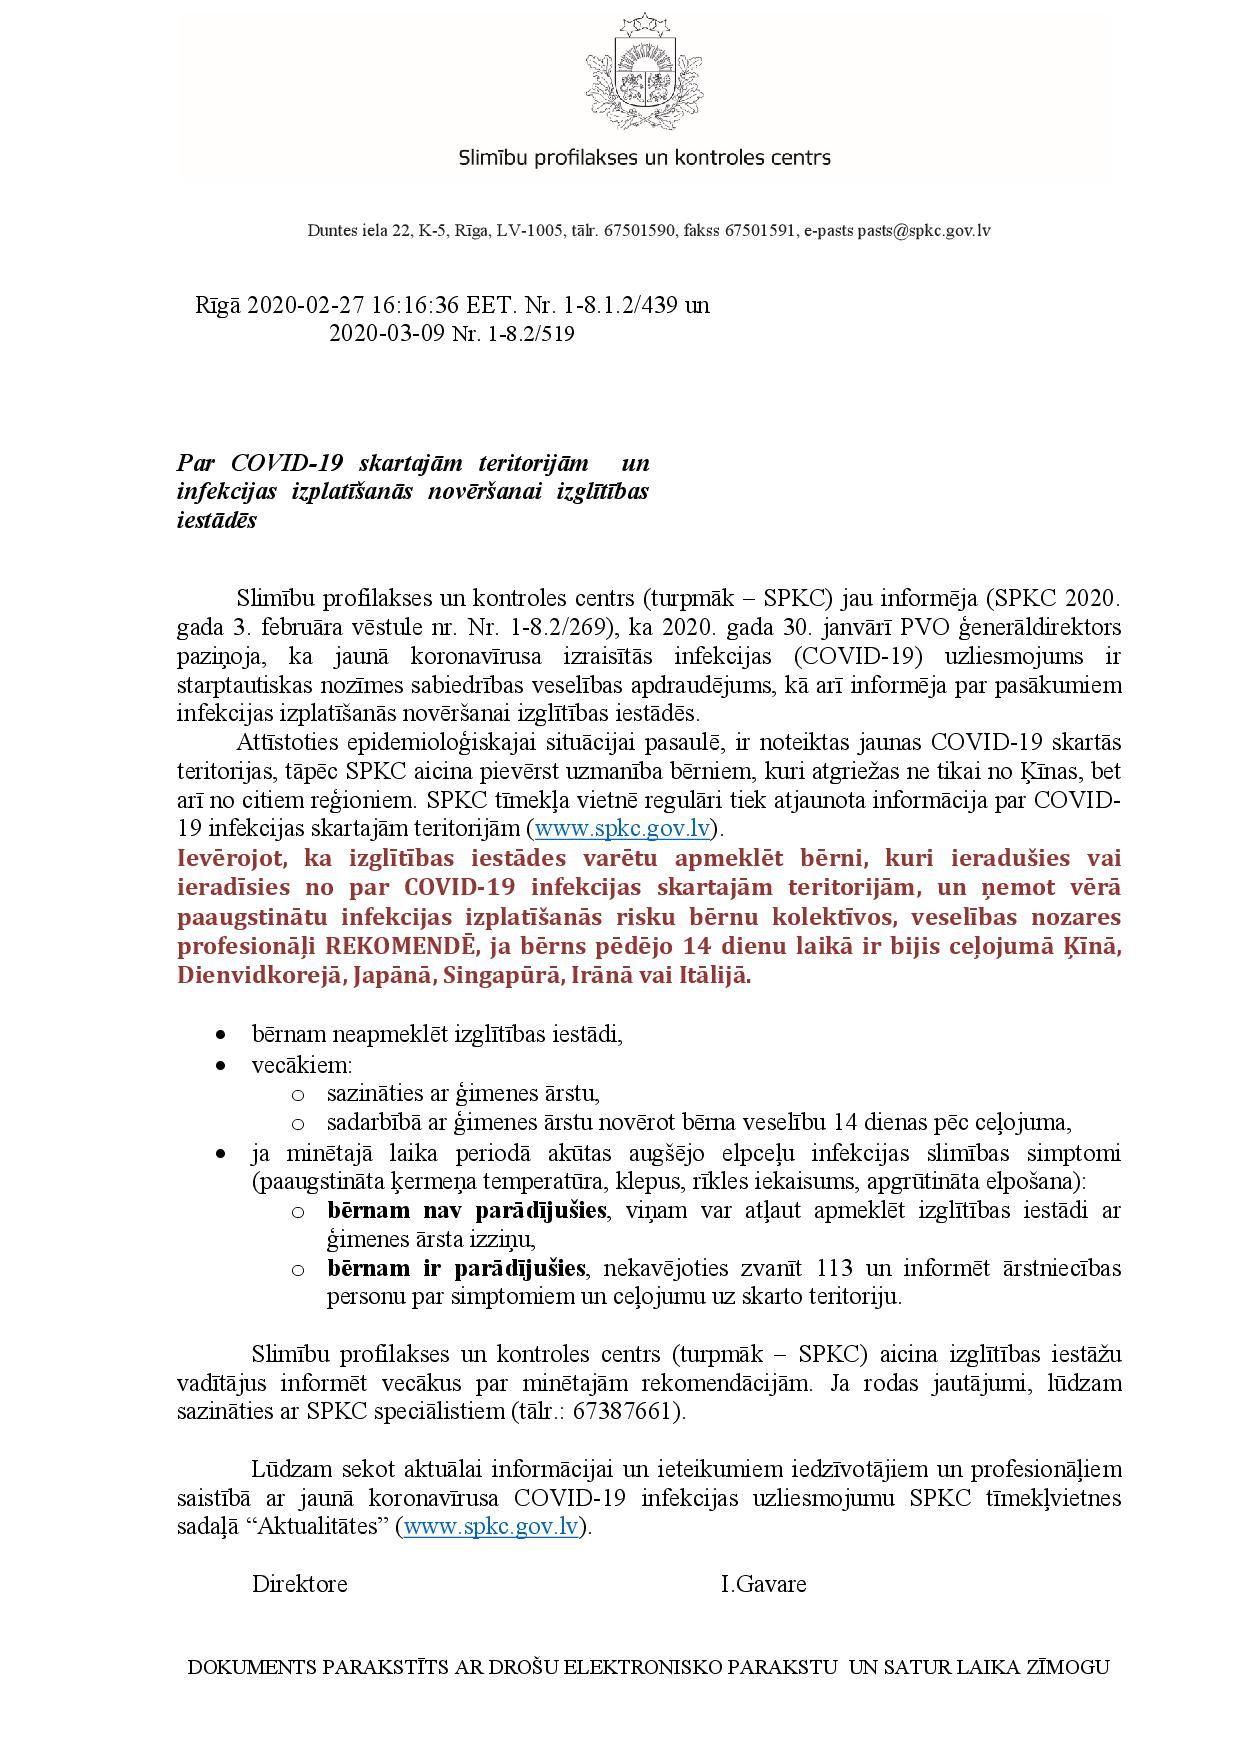 SPKC_vest_izgl